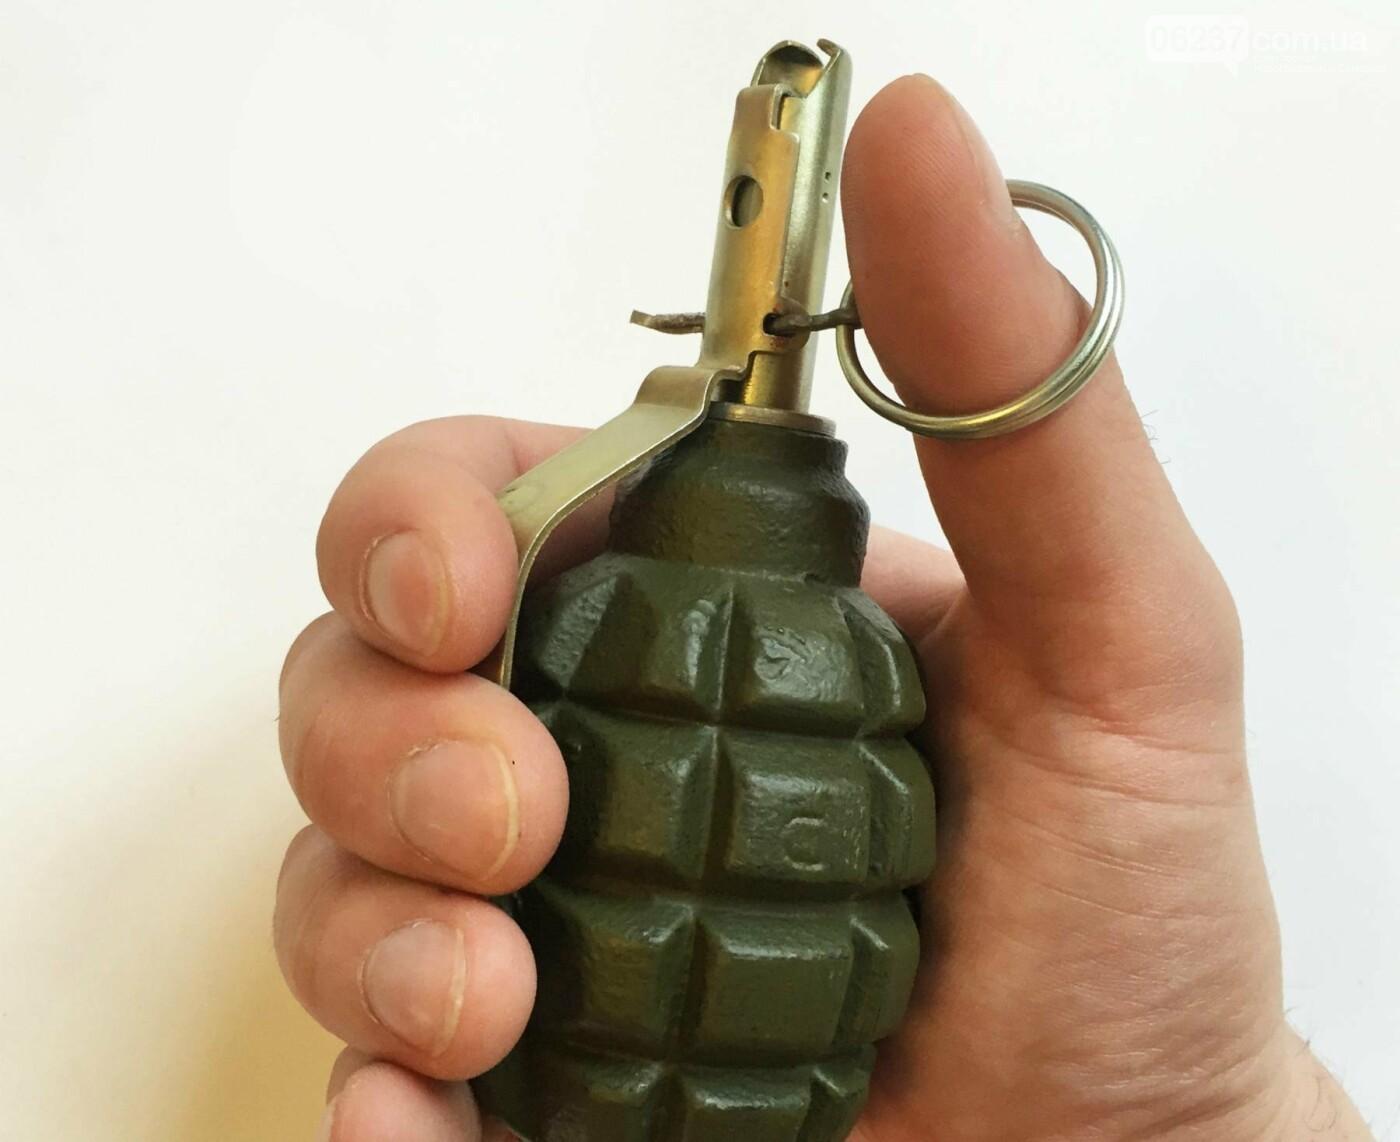 В Запорожской области в общежитии мужчина бросил в 20-летнюю девушку гранату, фото-1